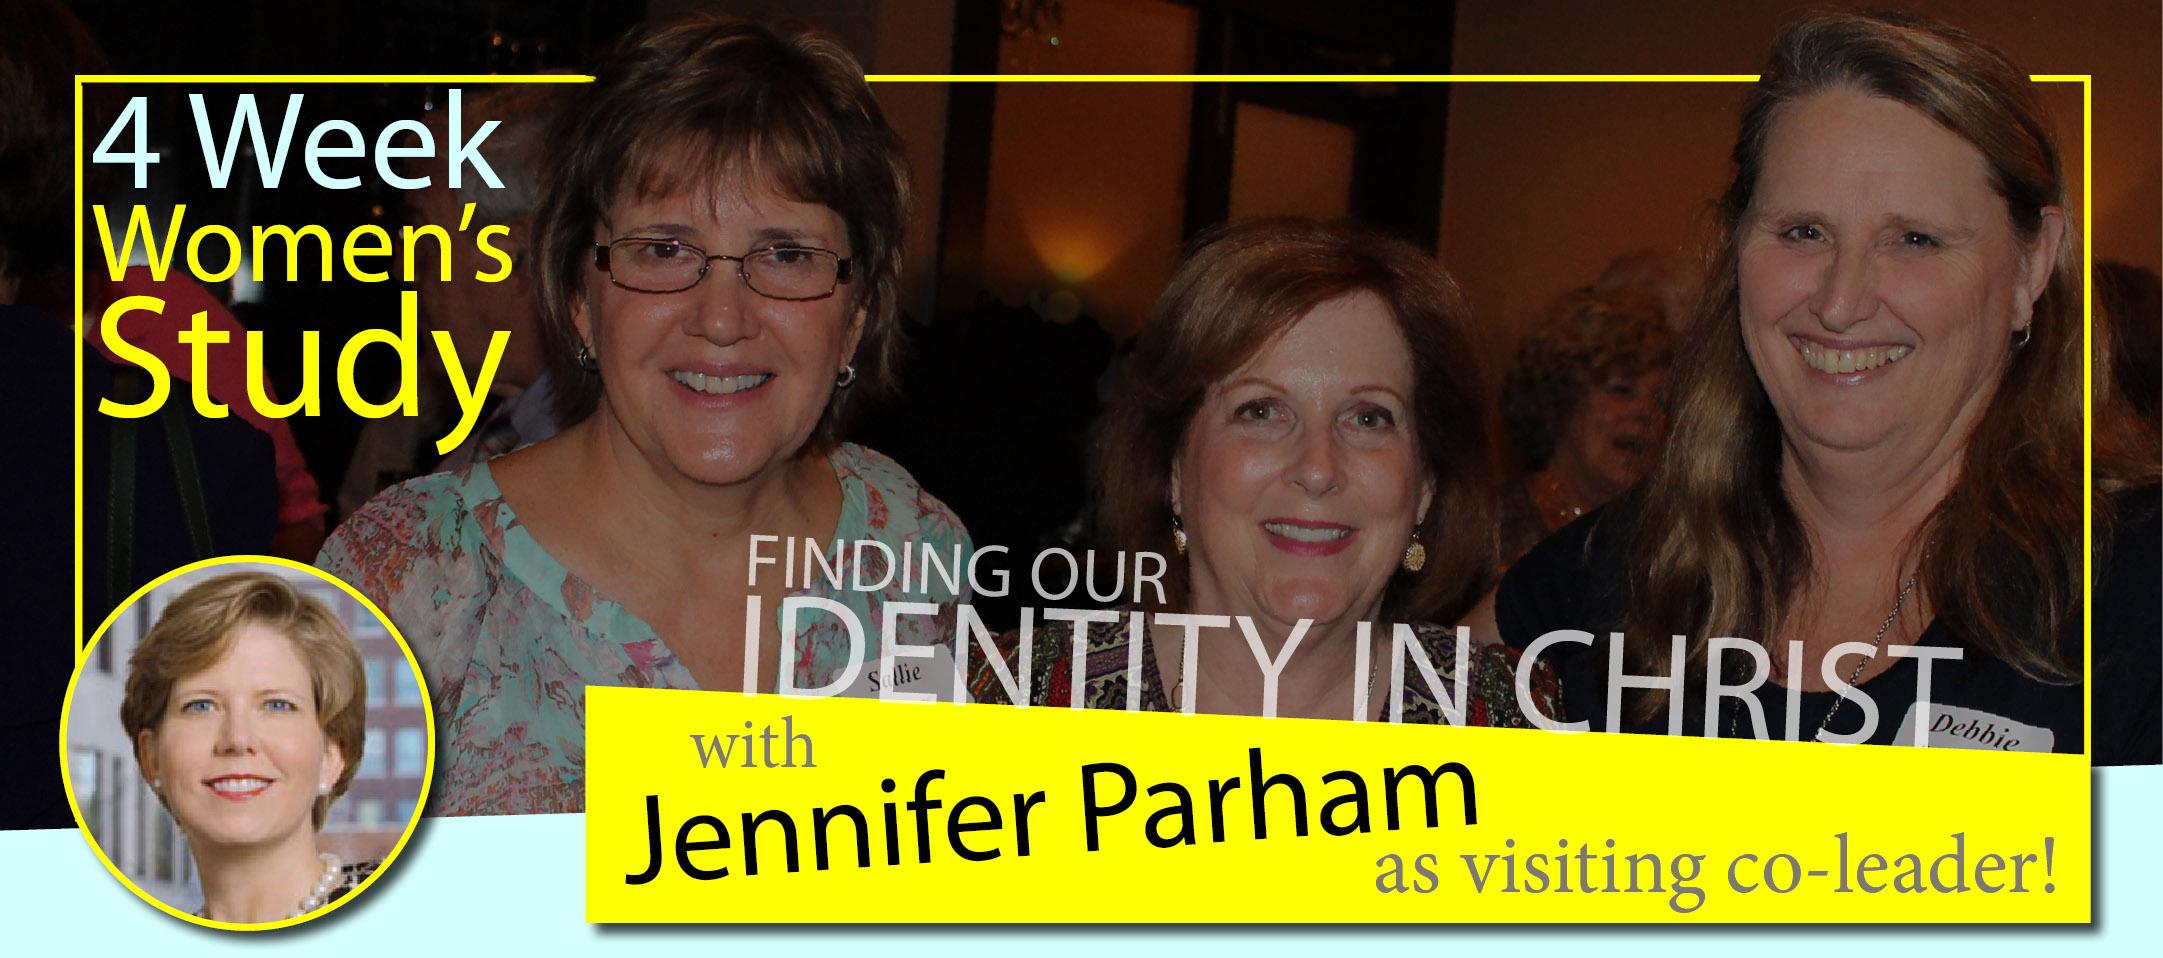 Jennifer Parham and Debbie Bannister edited.jpg